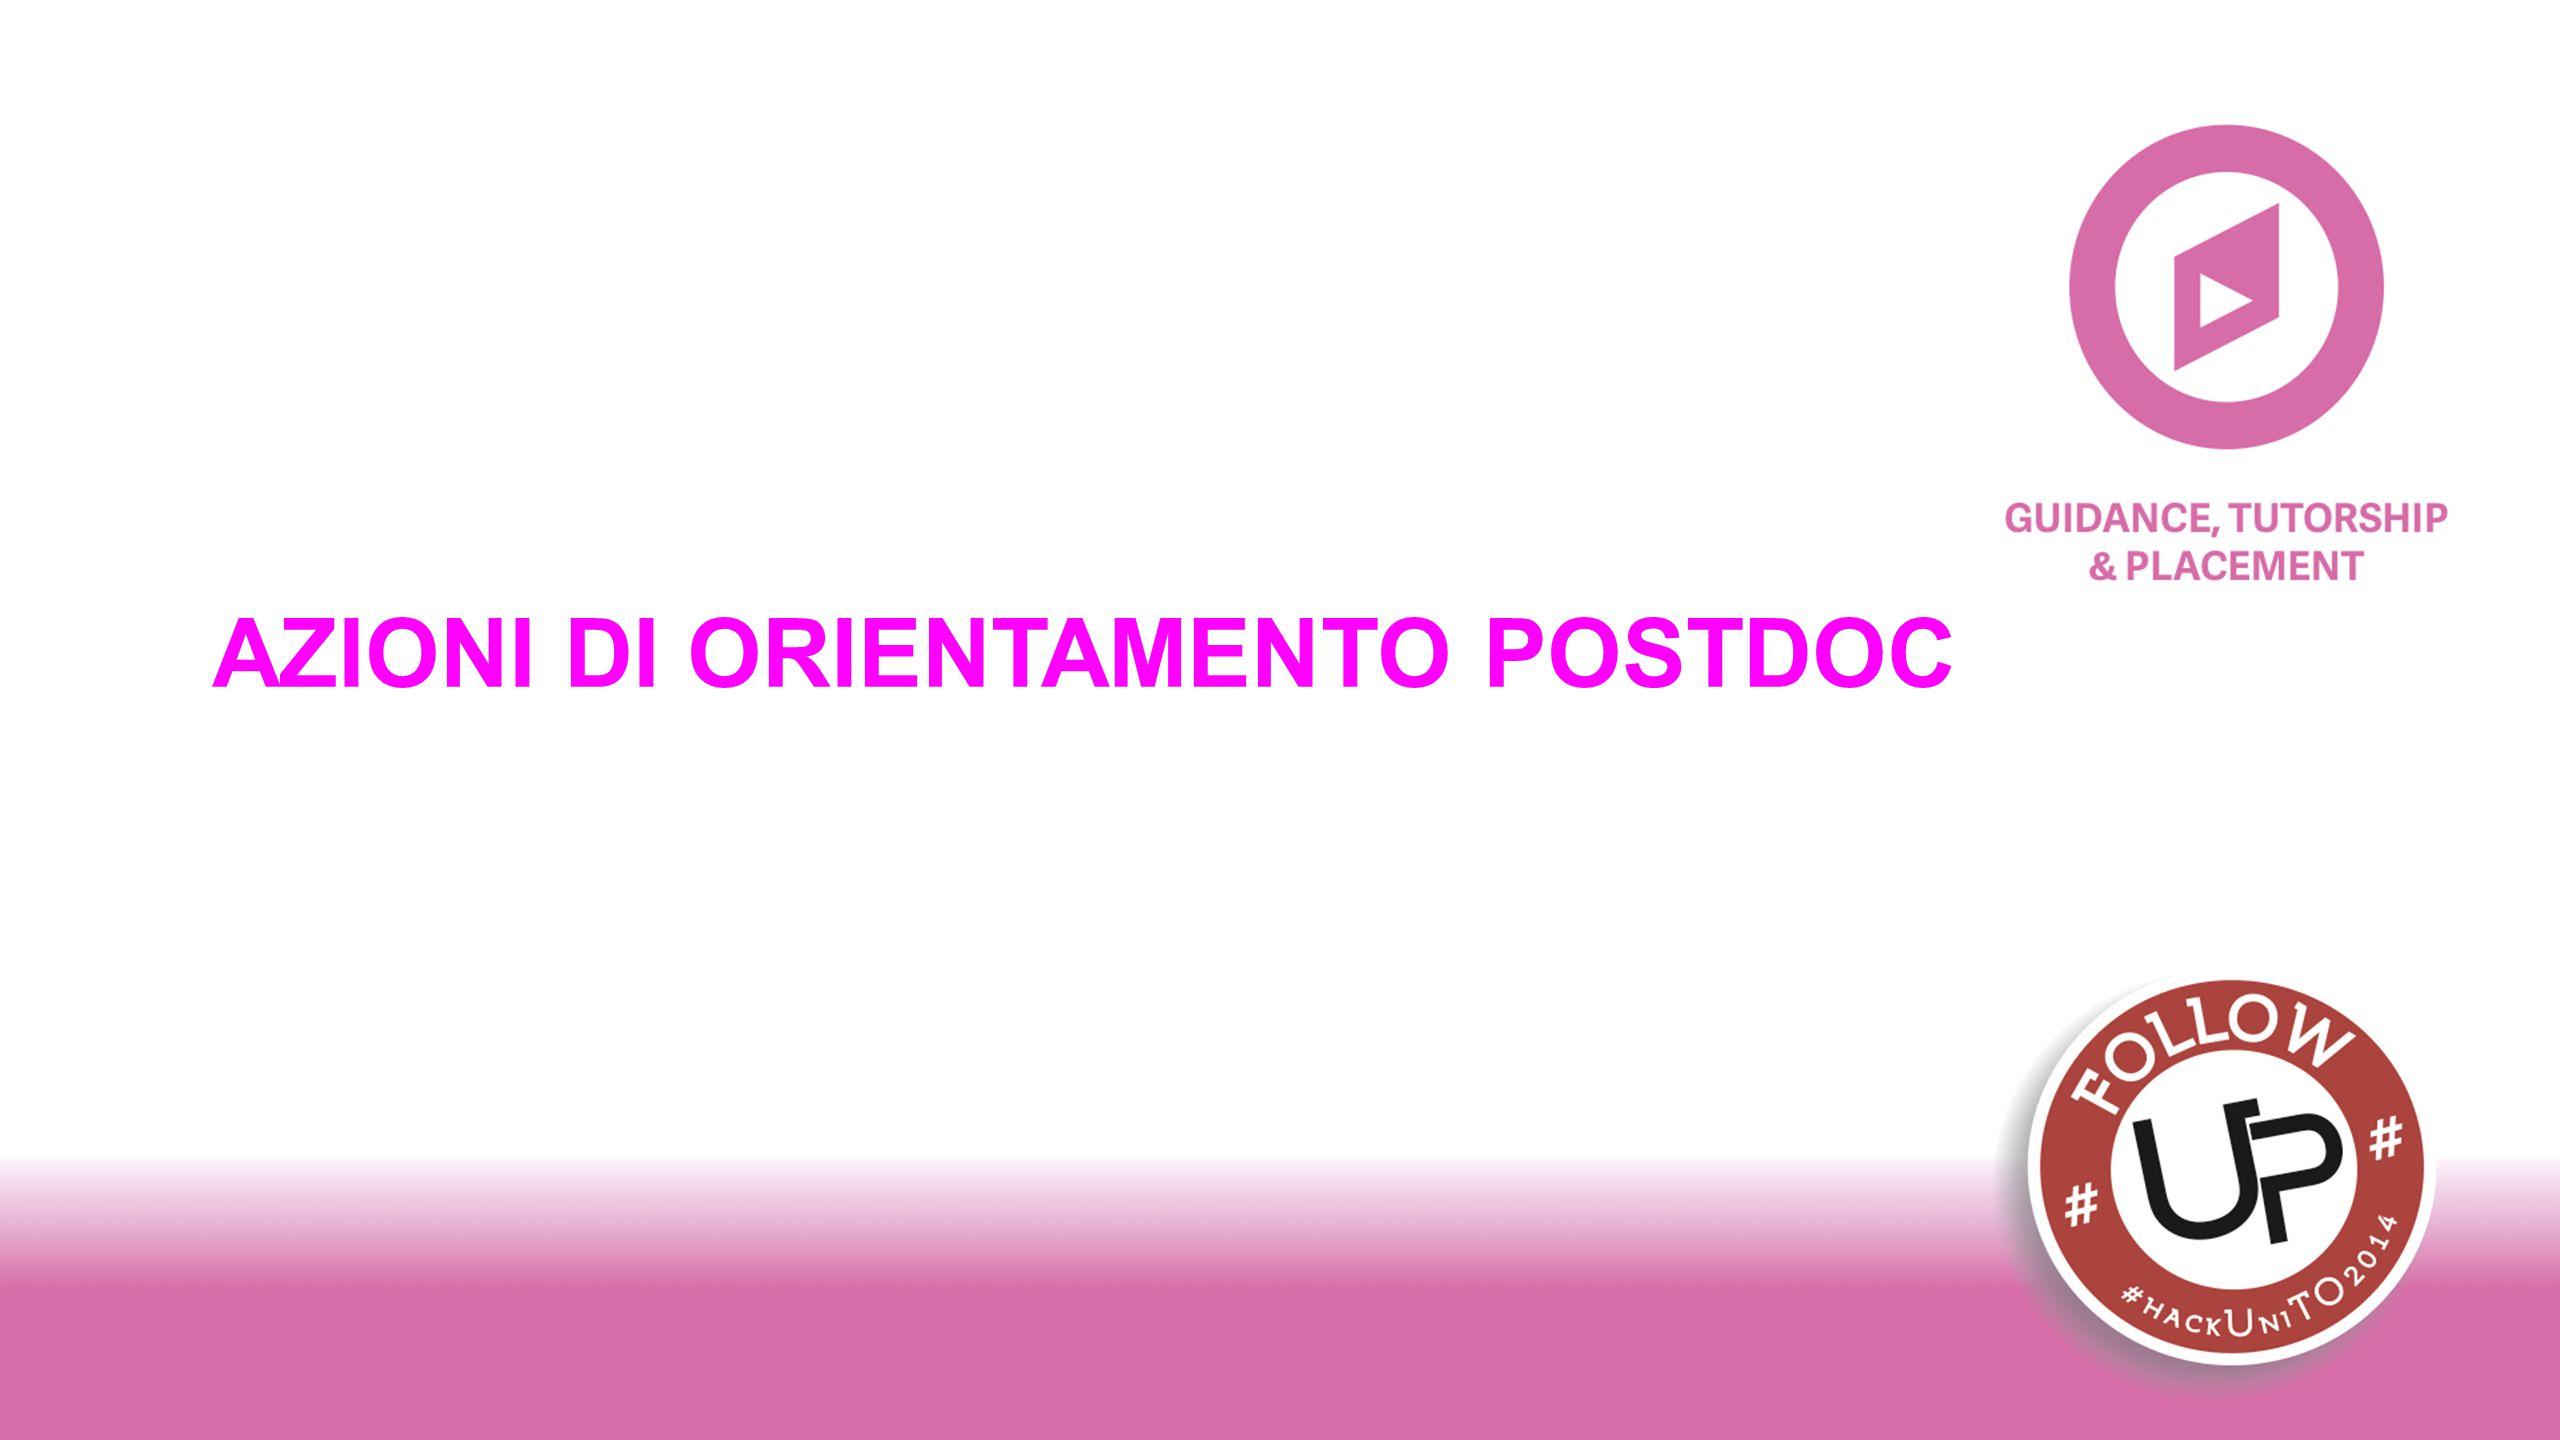 AZIONI DI ORIENTAMENTO POSTDOC